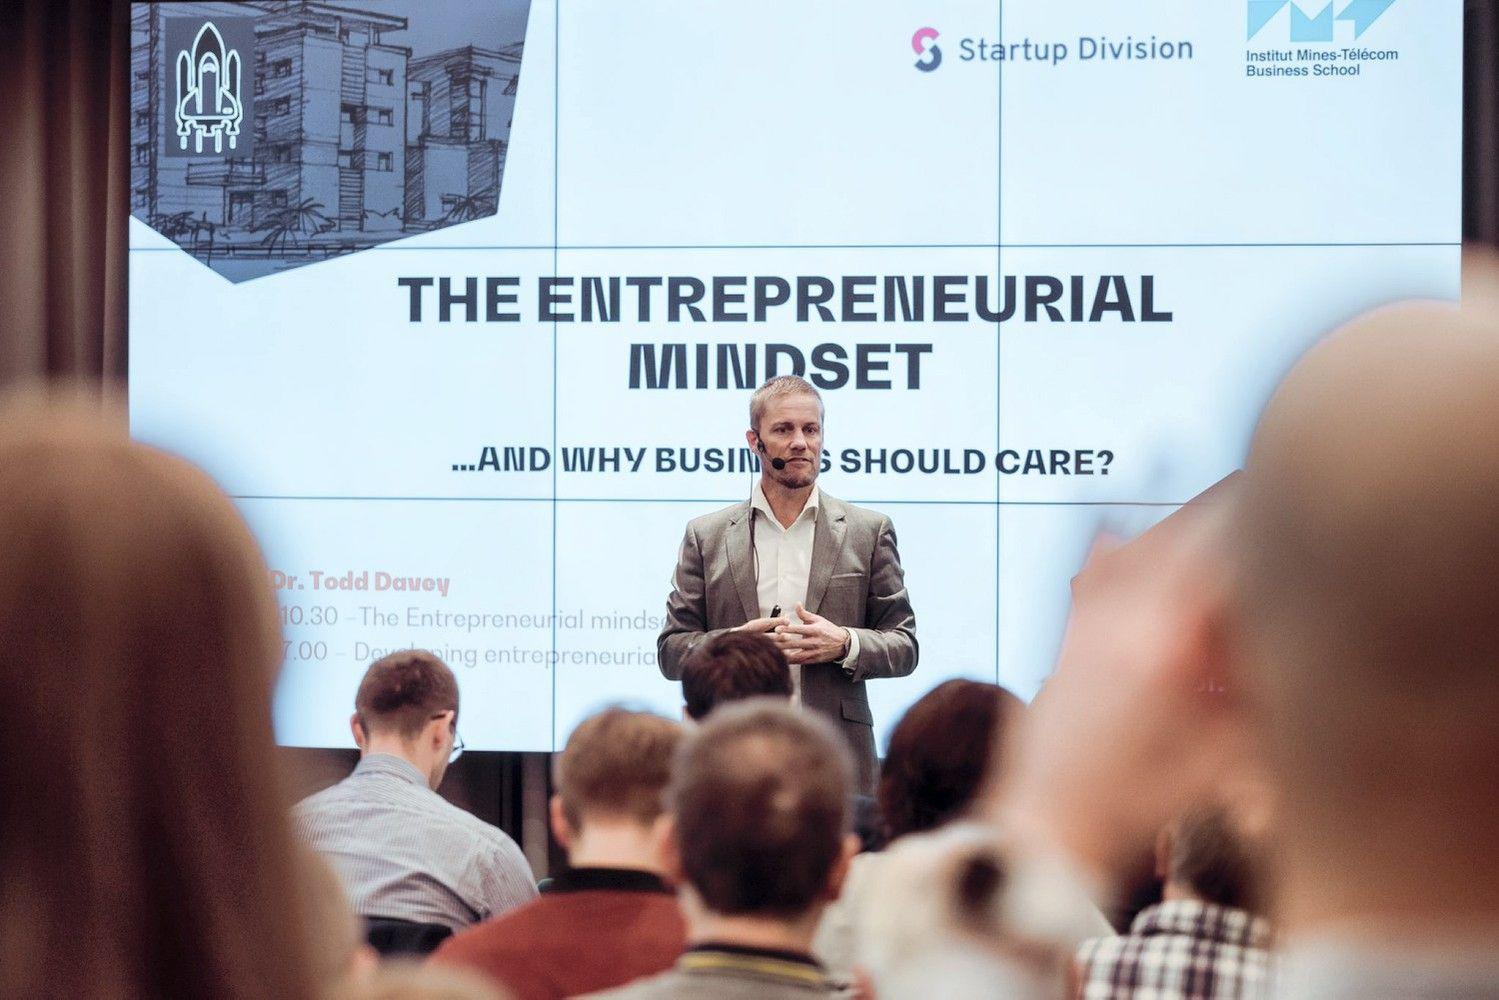 Inovacijų ekspertas pataria: kaip mąstyti ir elgtis besikeičiančioje verslo aplinkoje?